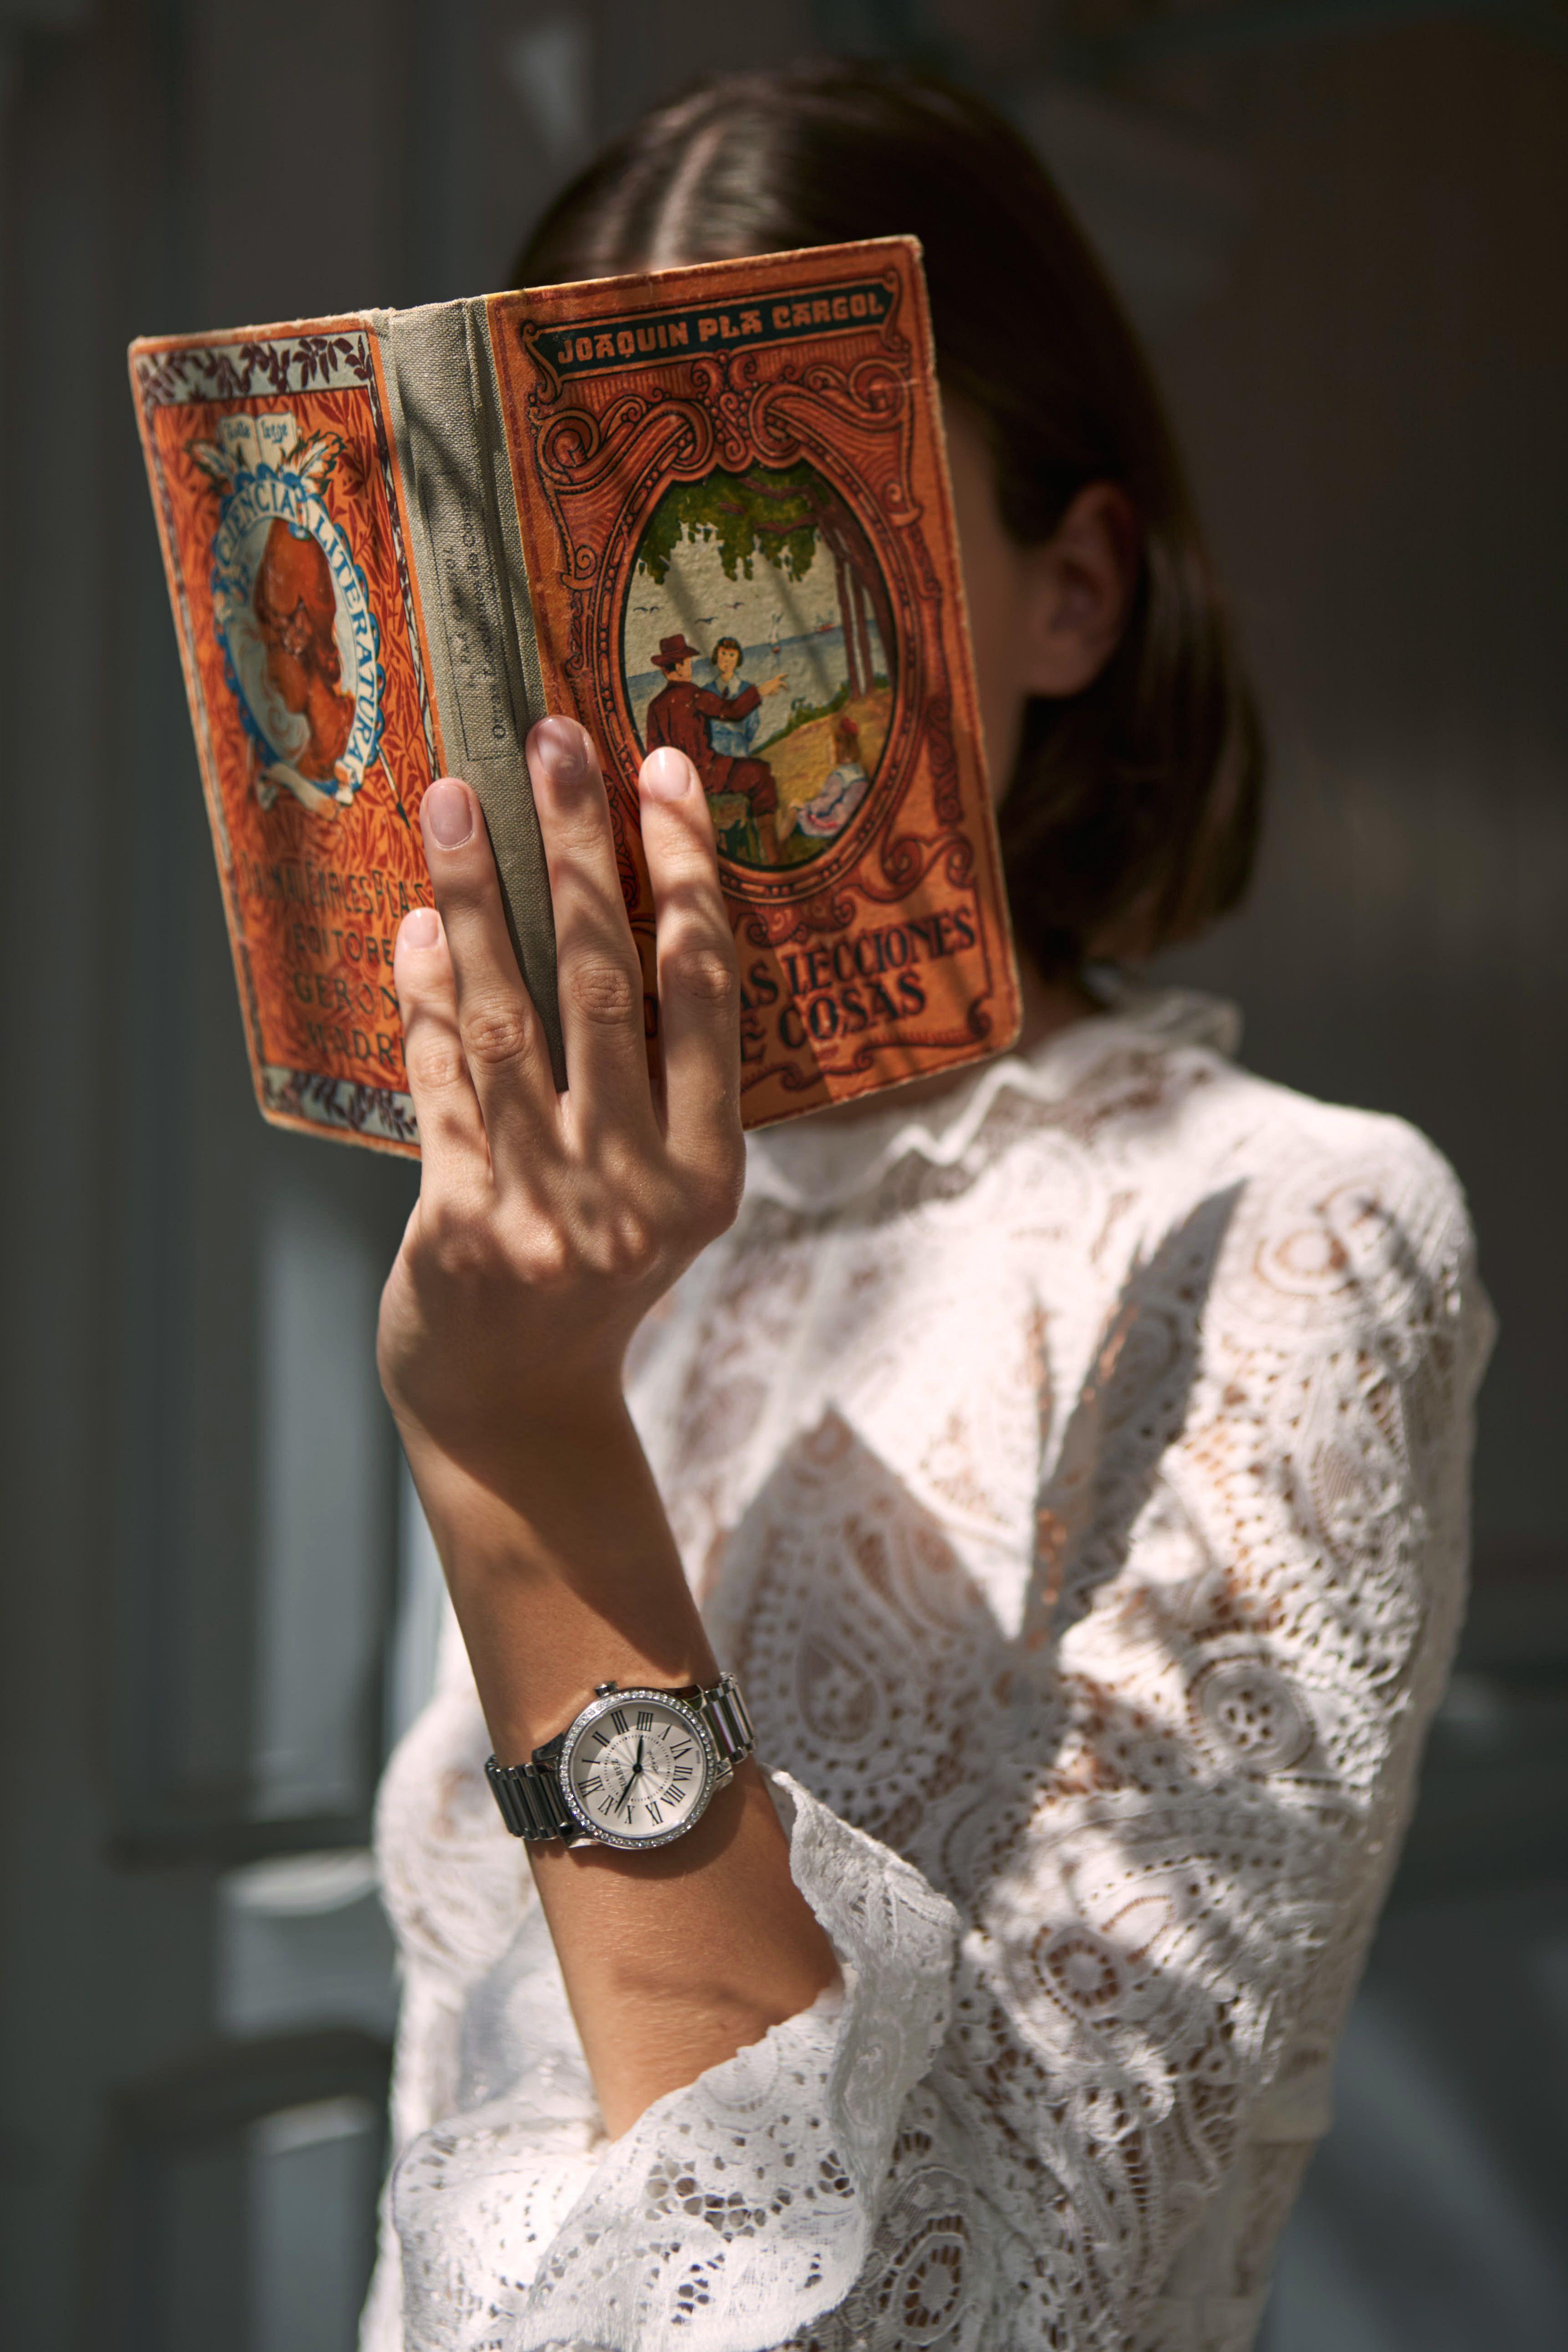 Pin de Suarez en SUAREZ Watches | Reloj, Relojes mujer, Joyeria